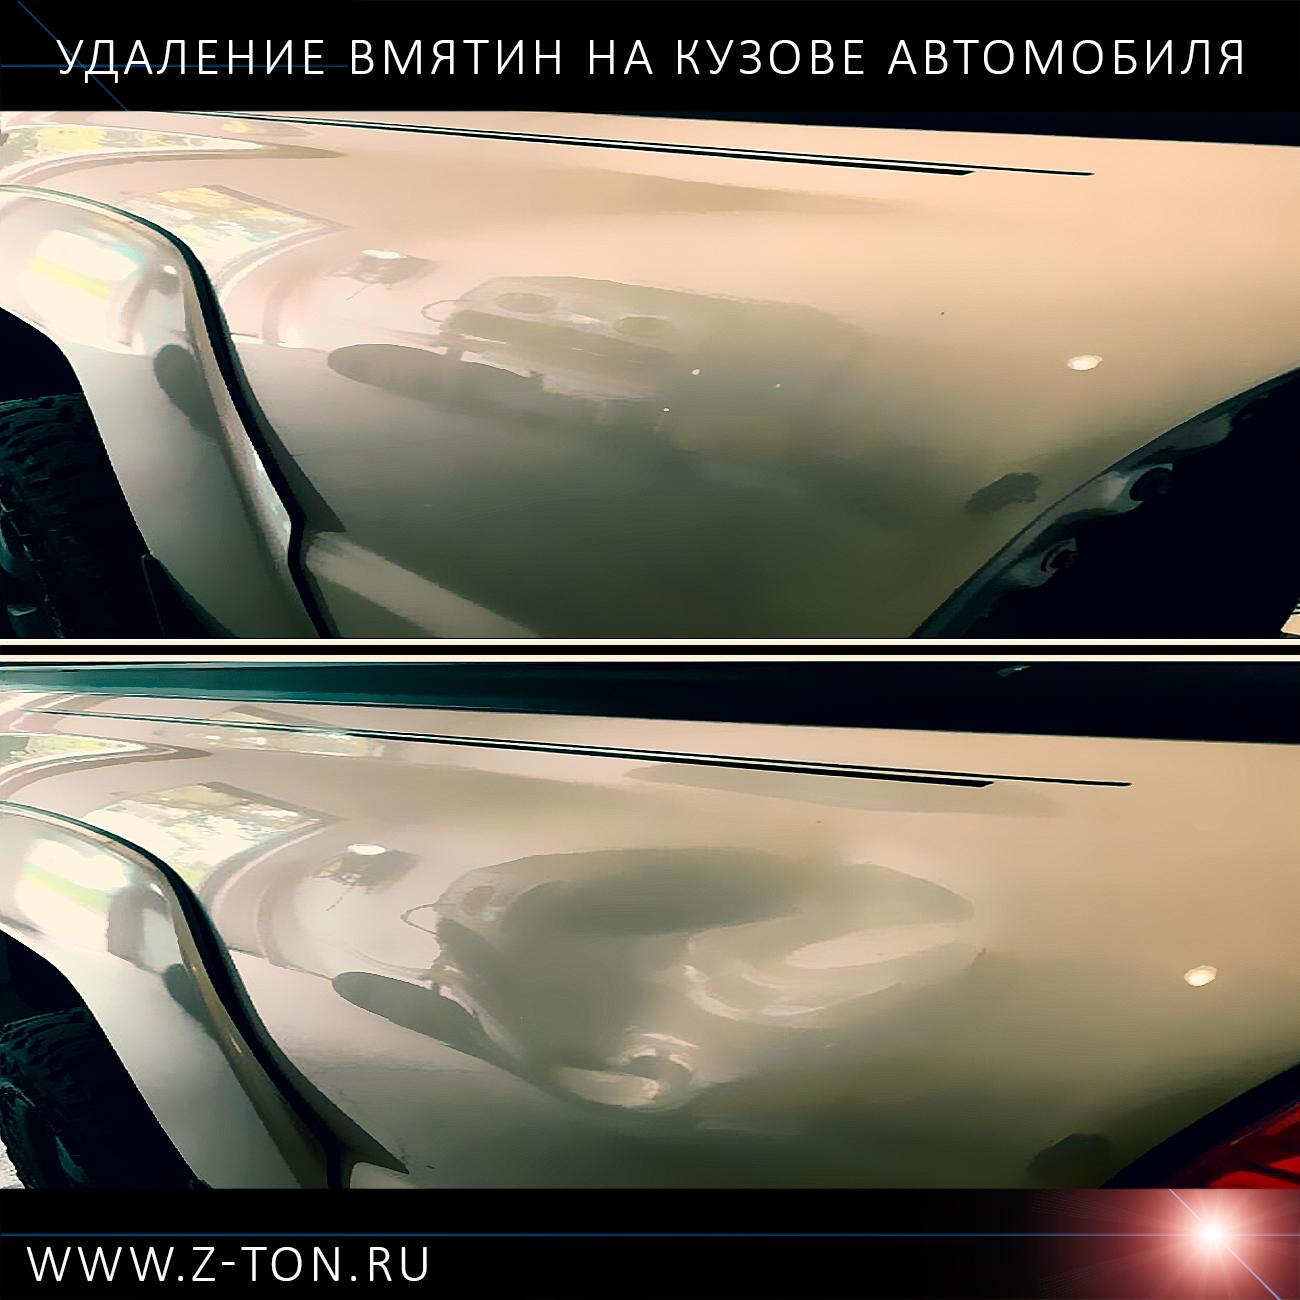 Удаление вмятин на кузове в Зеленограде (Андреевка, Крюково, Москва)